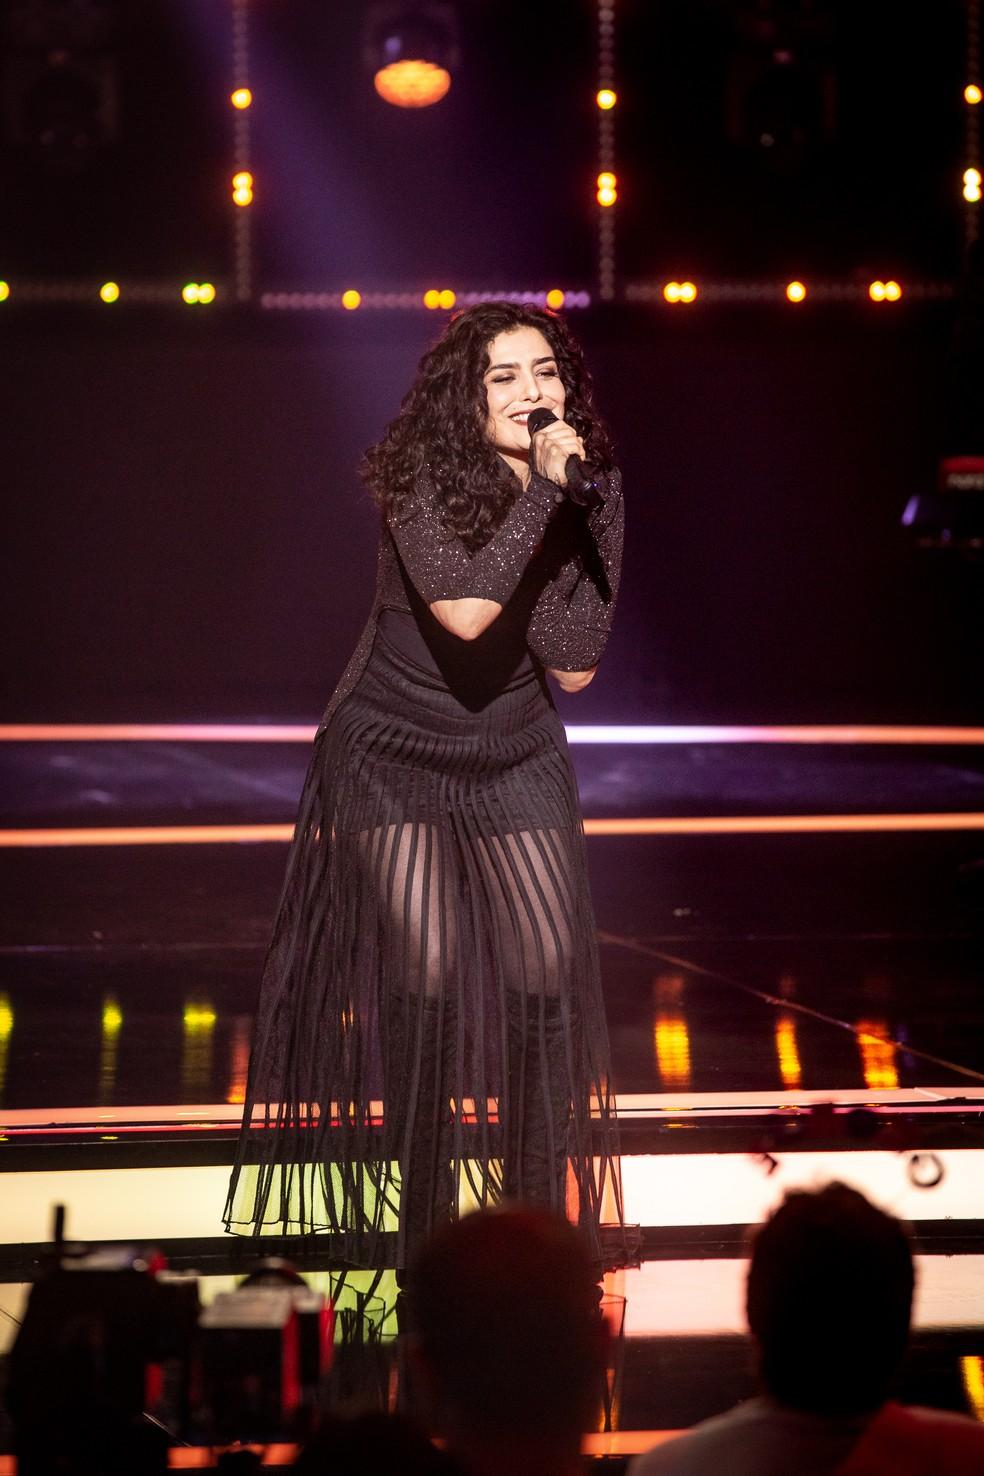 Leticia Sabatella estreia no 'Popstar' com música internacional de Quincy Jones — Foto: Isabella Pinheiro/Gshow